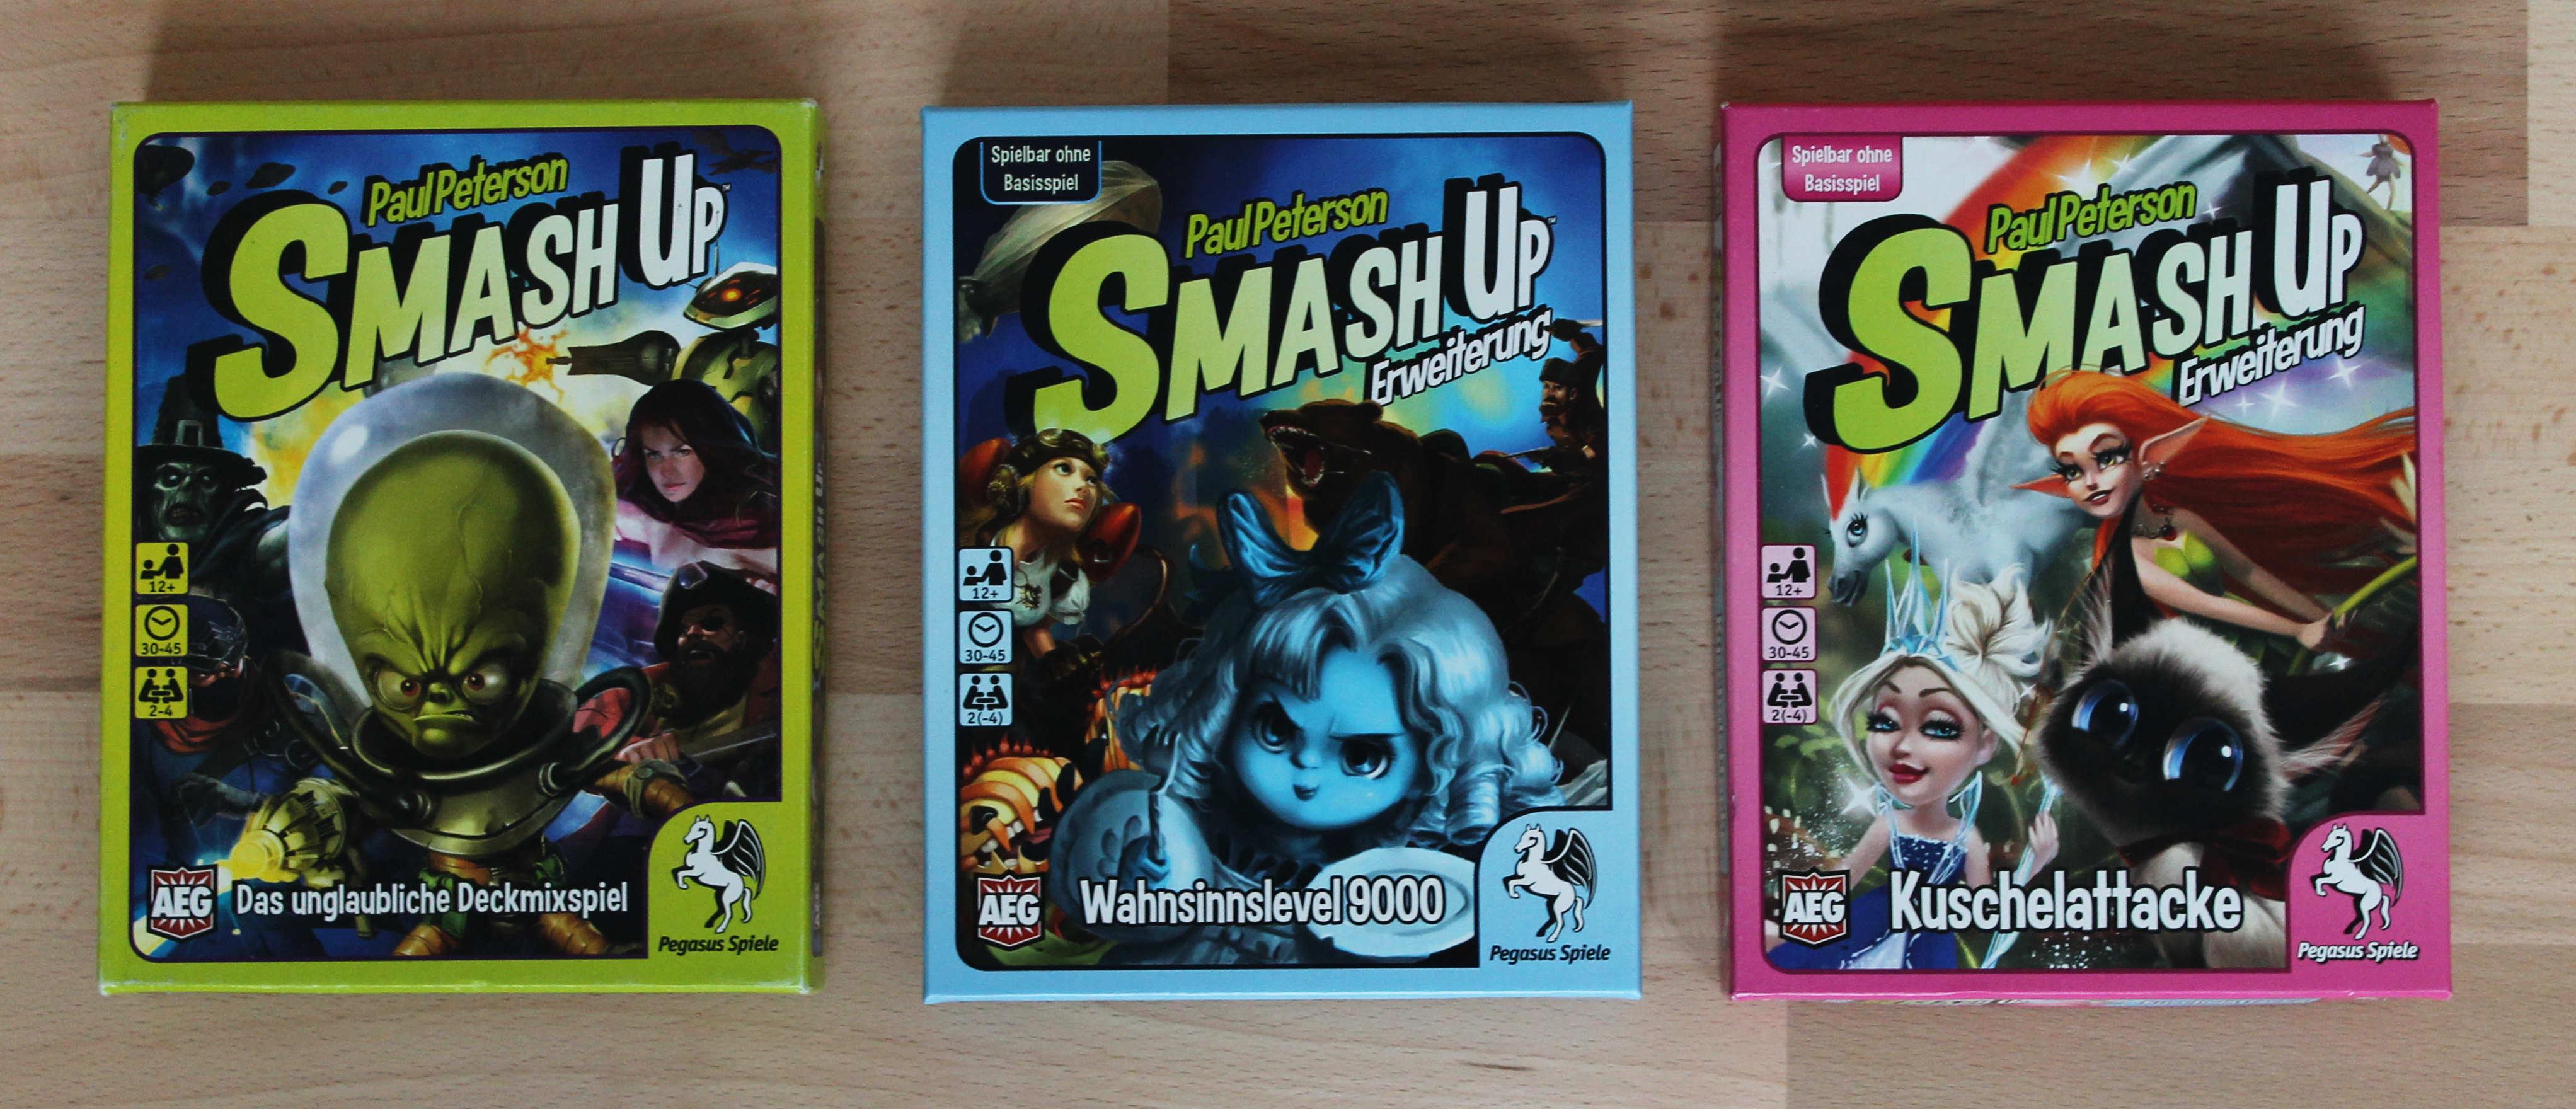 Abb.: Smash Up (2012), Spiel und Erweiterungen. Quelle: Eigene Abb.